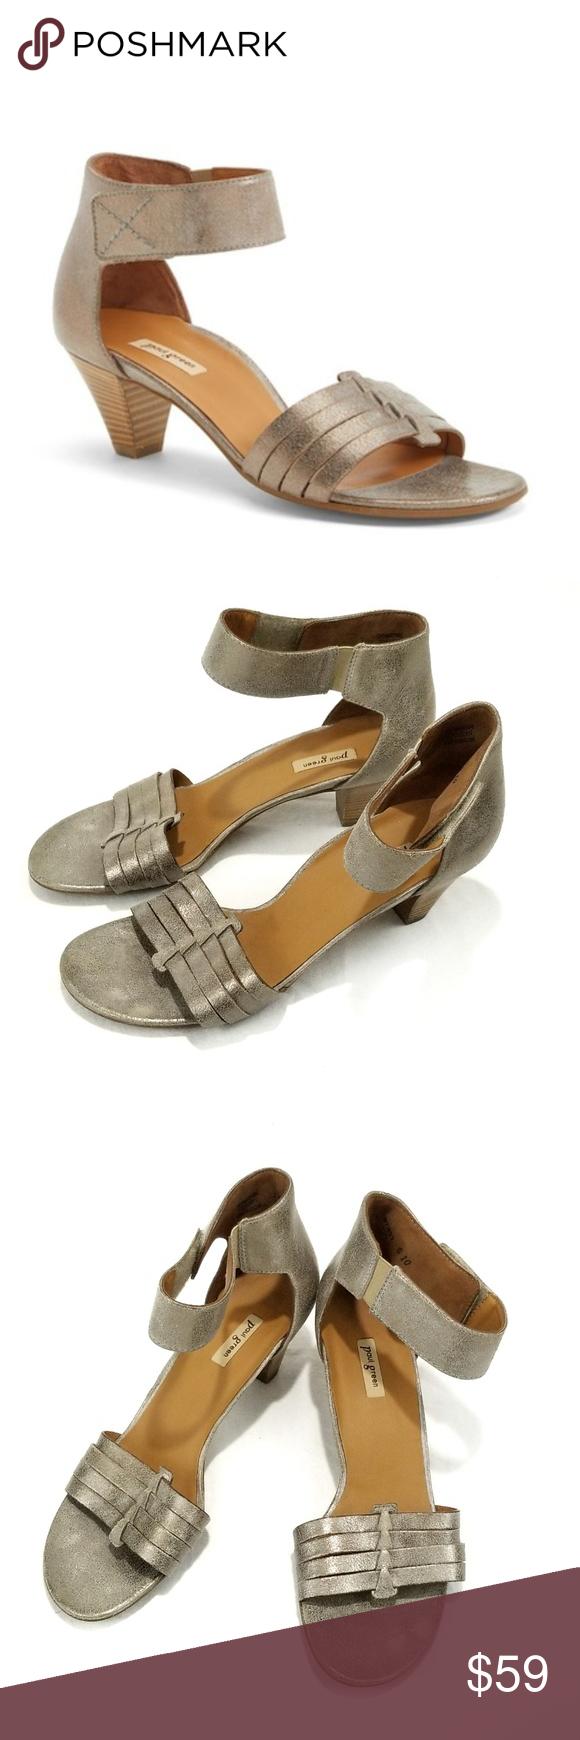 2d490aa428d Paul Green Coco Leather Smoke Metallic Heels 7.5 Paul Green COCO Leather  Ankle Strap Sandal Smoke